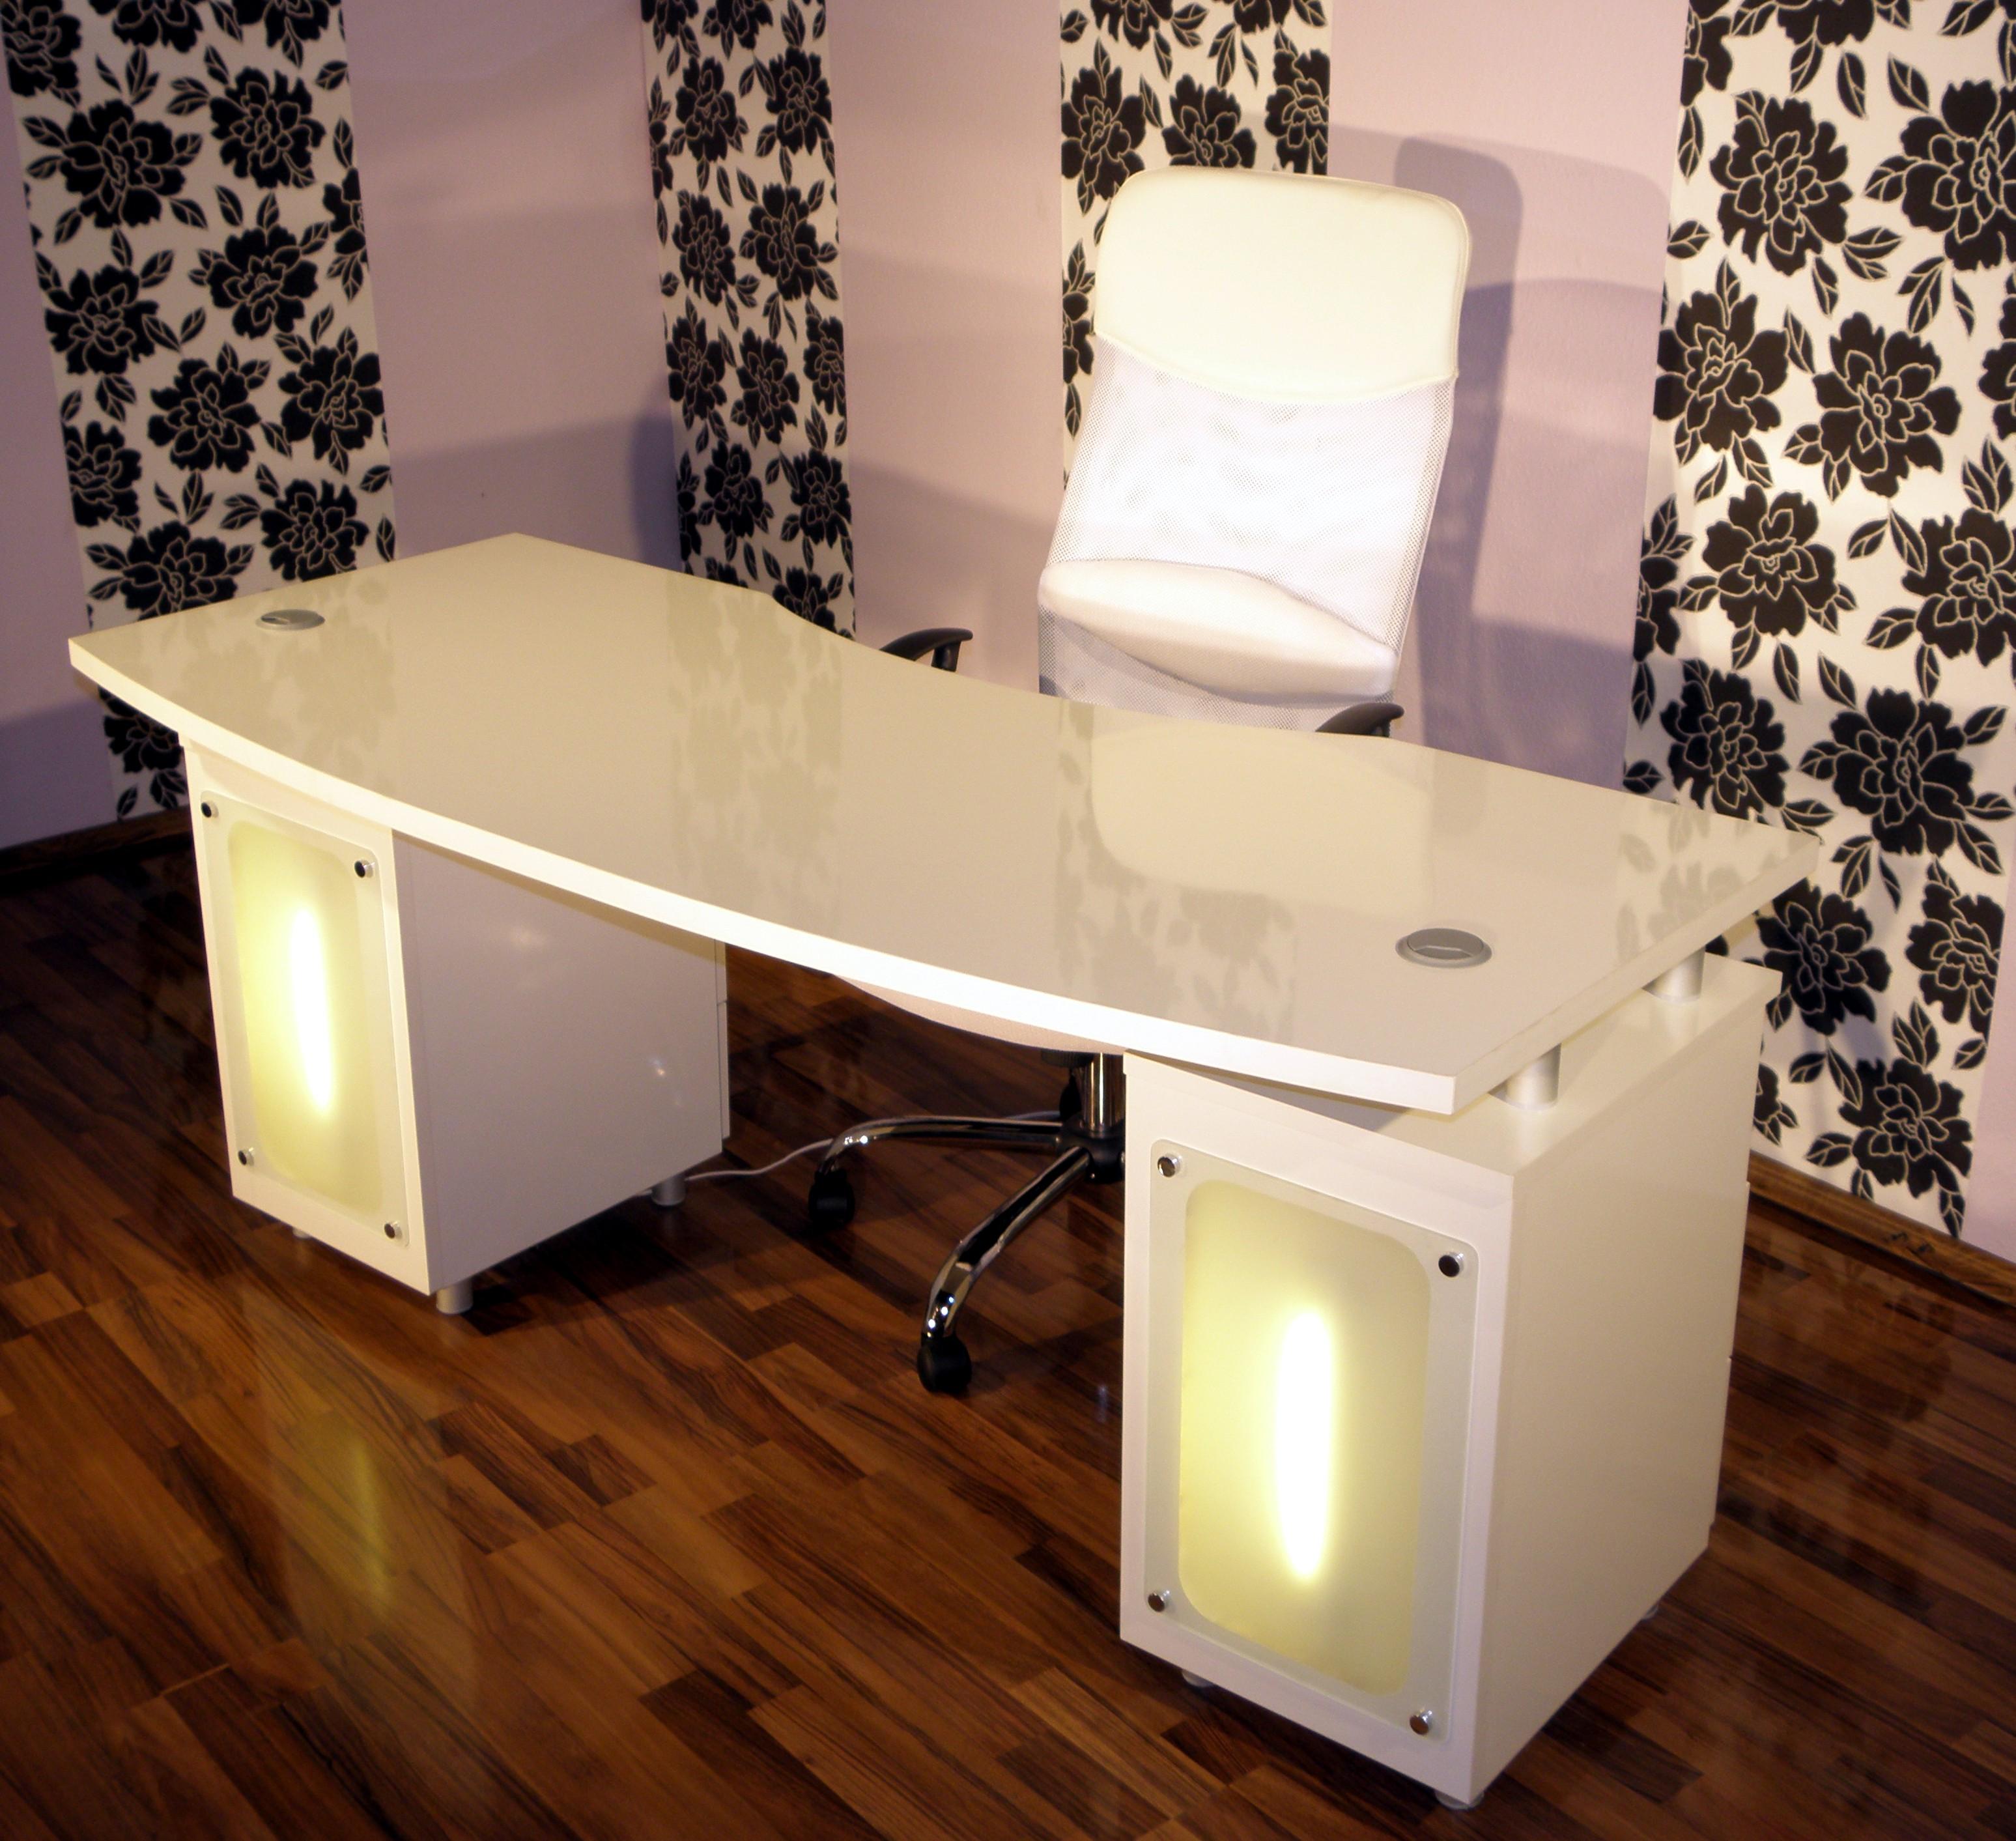 nageltische nageltisch manik rtische nach ma von. Black Bedroom Furniture Sets. Home Design Ideas